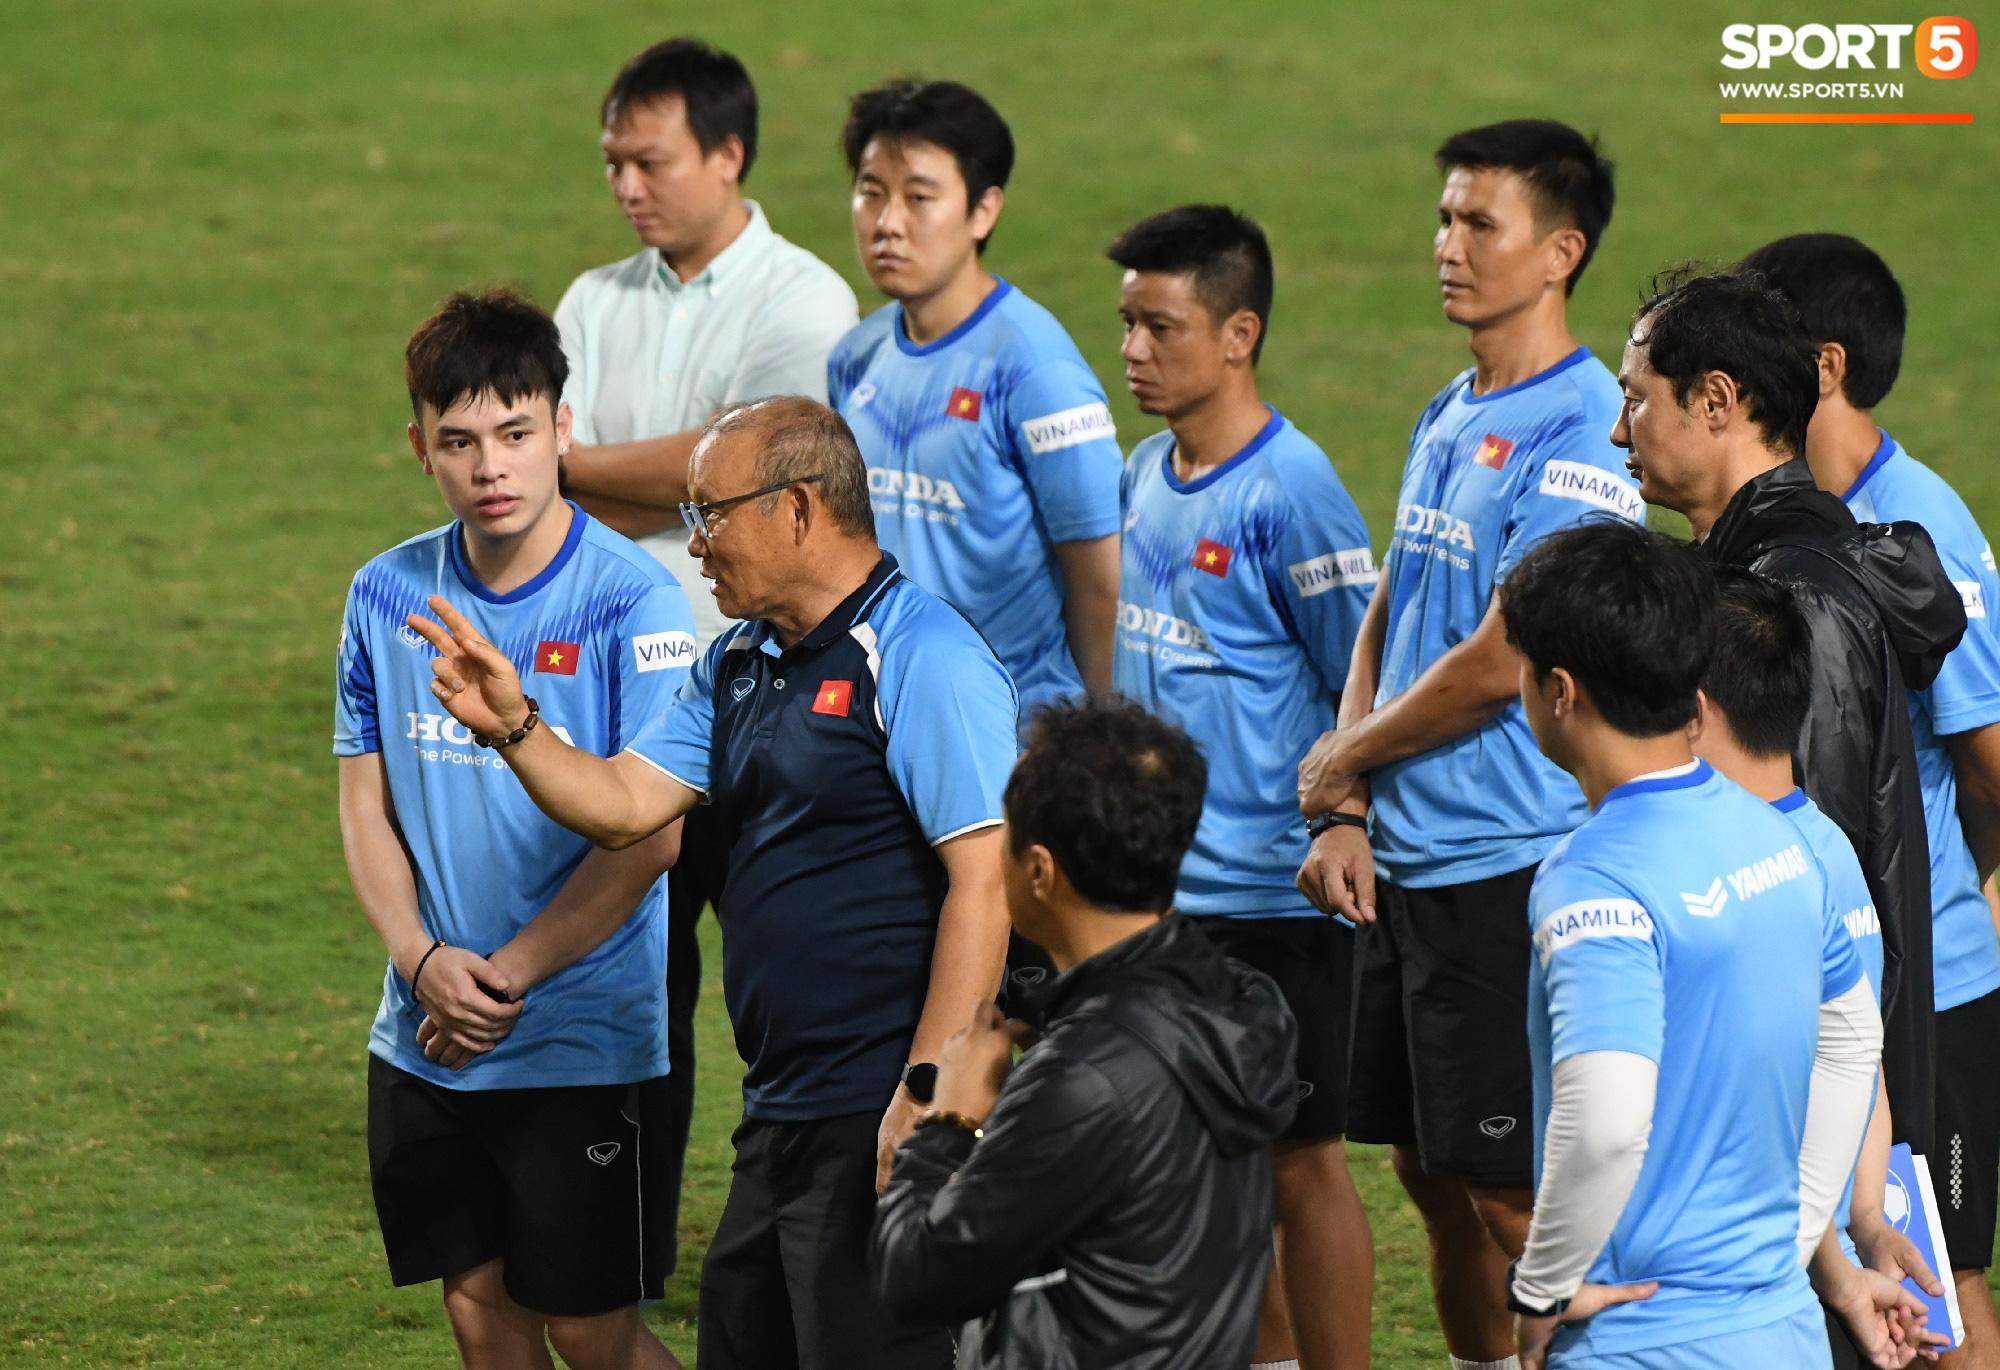 HLV Park Hang-seo dạy cho cầu thủ U22 Việt Nam bài học về cách lắng nghe, dặn dò đầy tâm huyết trước khi chia tay: Các bạn phải nỗ lực gấp đôi người khác  - Ảnh 7.